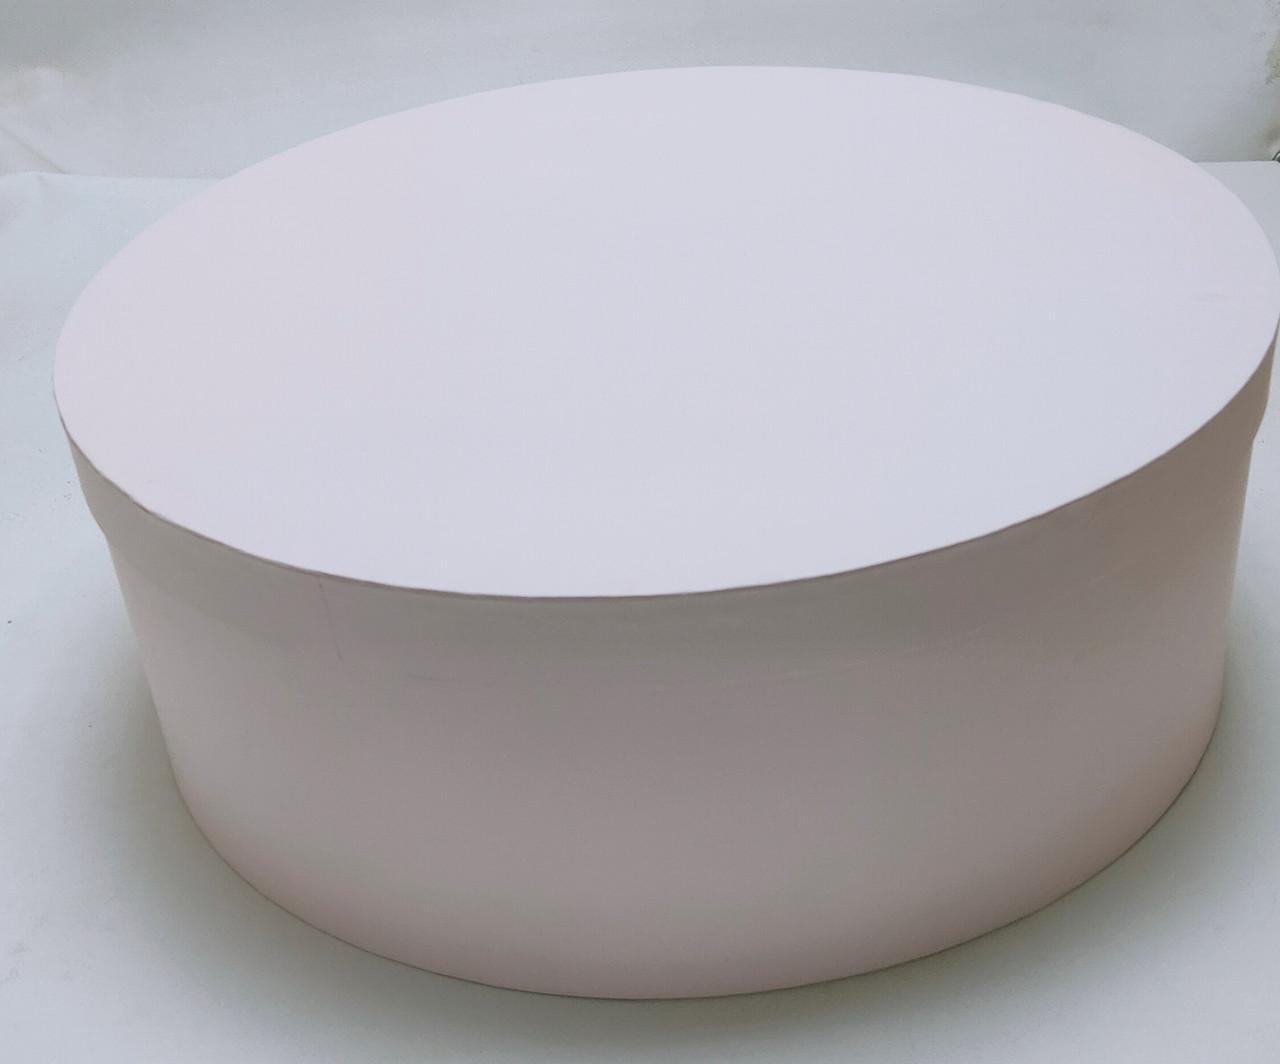 Коробка круглая d47см*h17см нежно-розовая большая